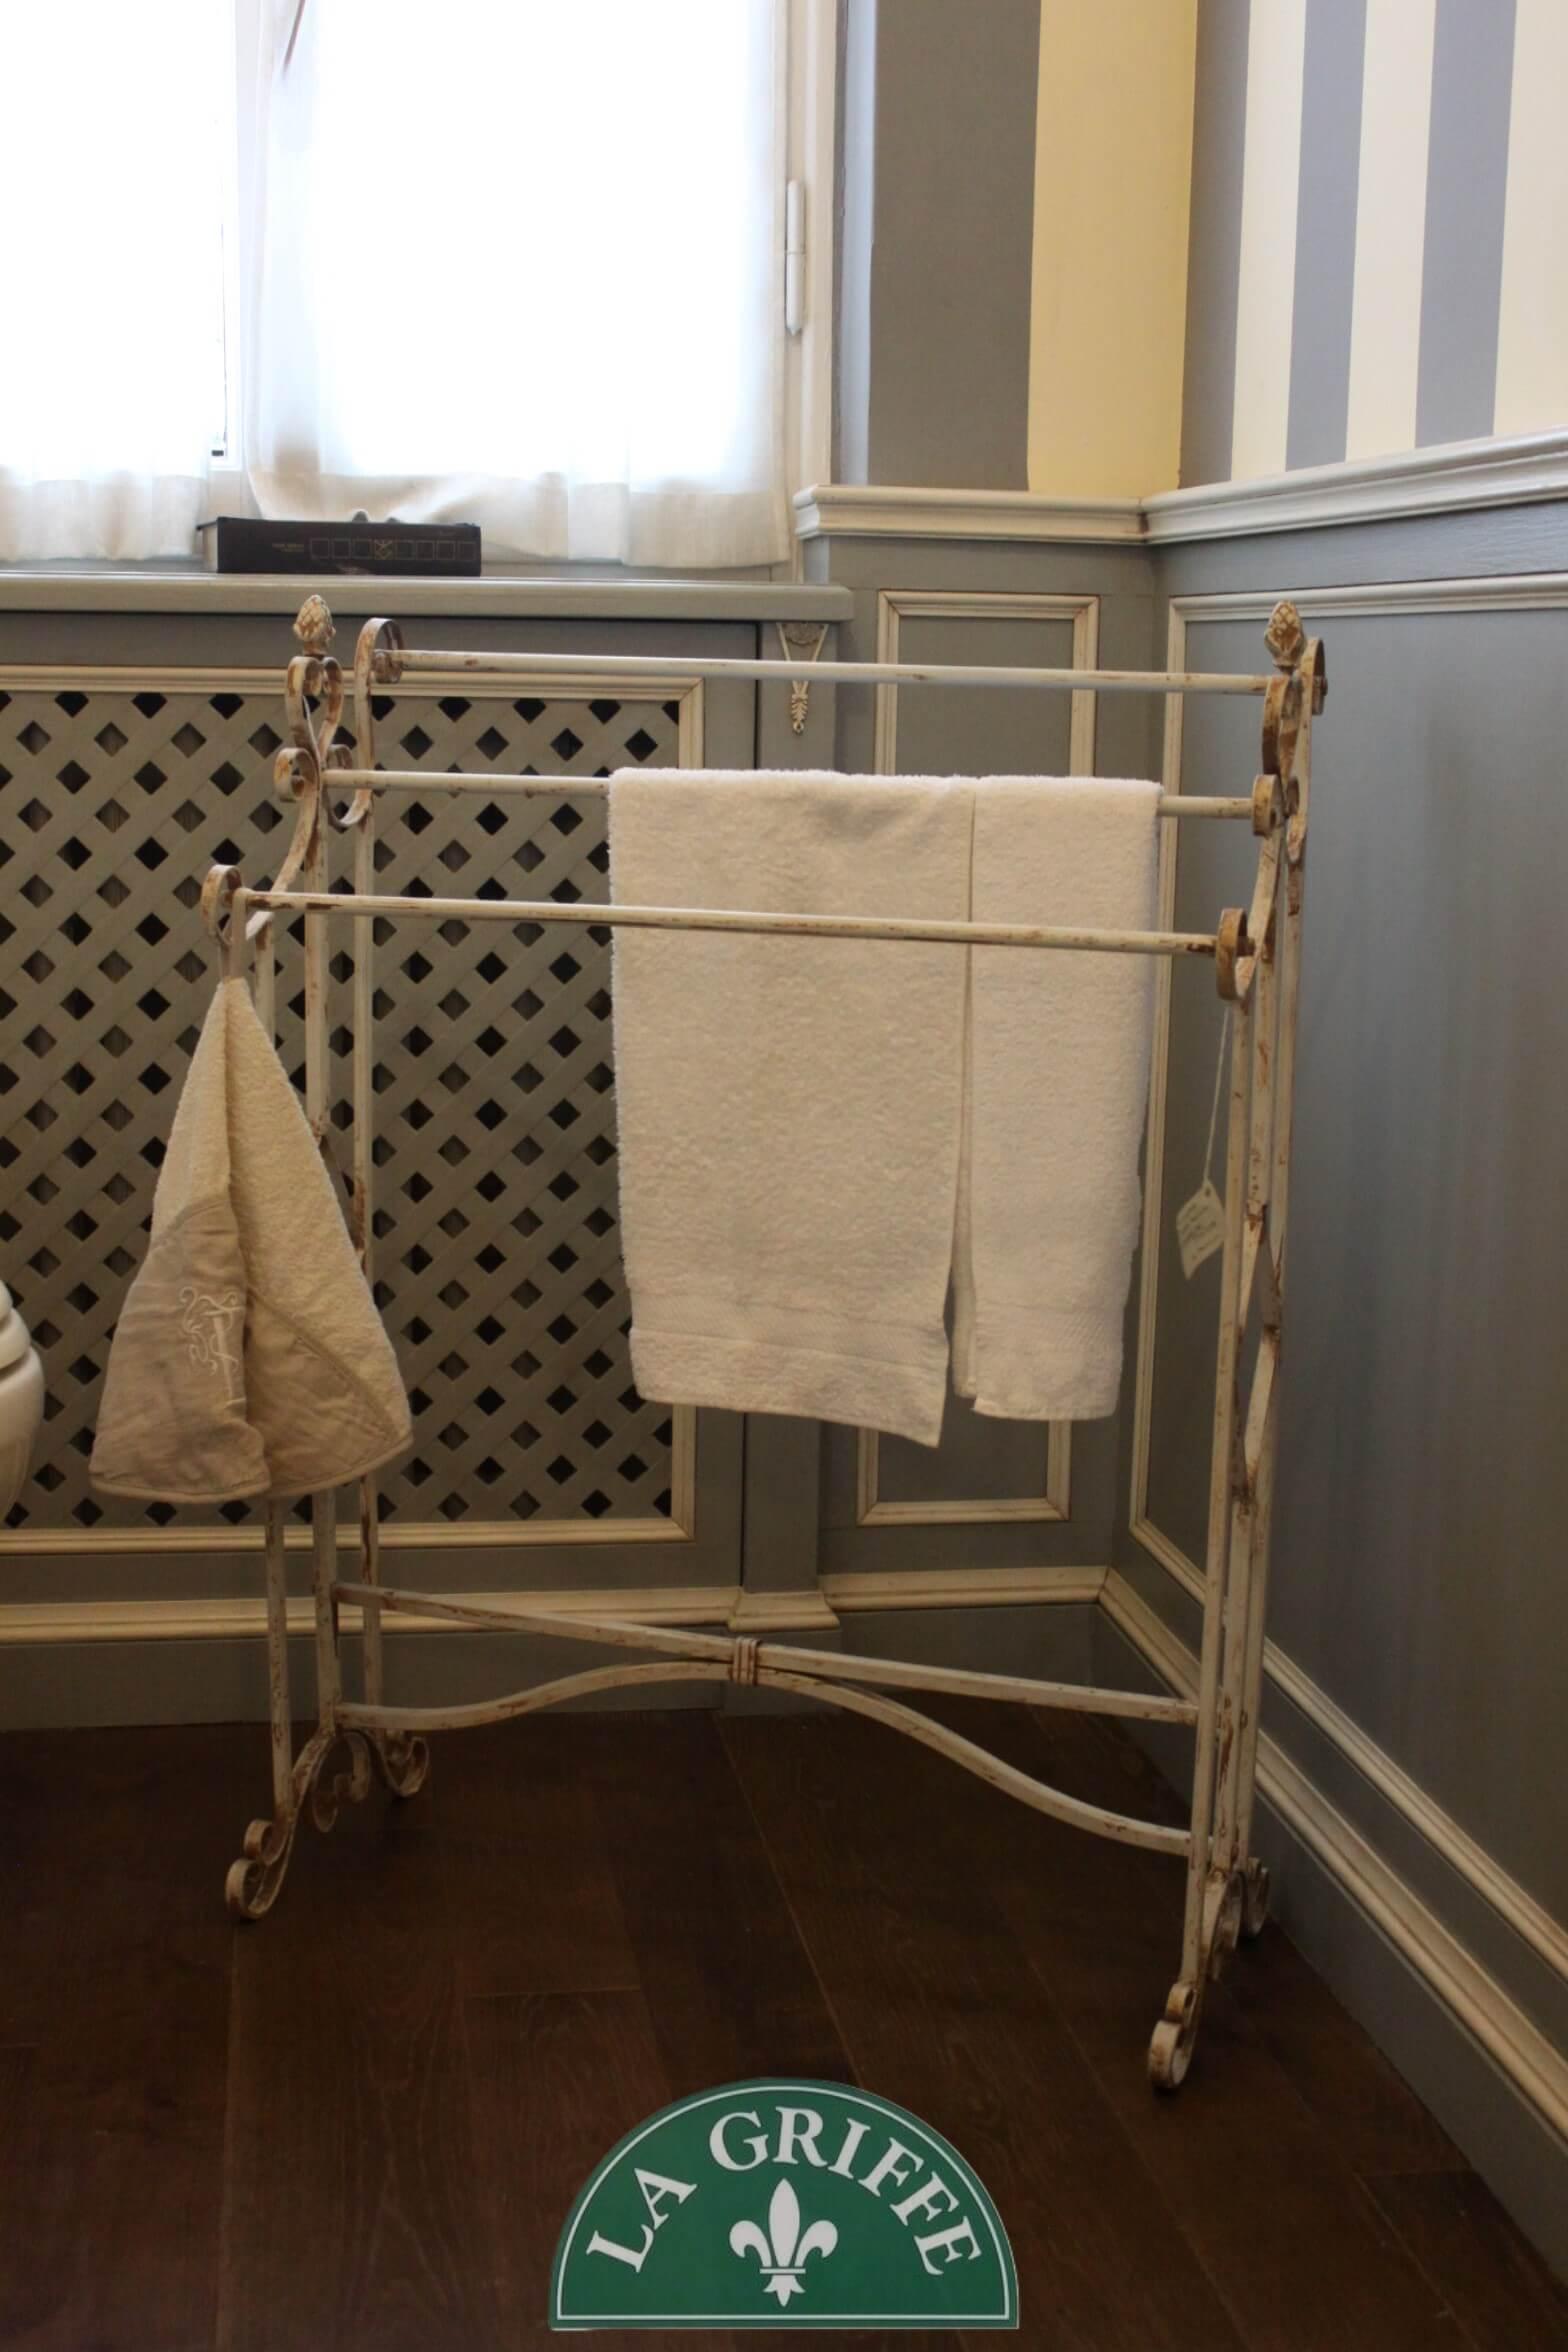 porta asciugamani monza brianza